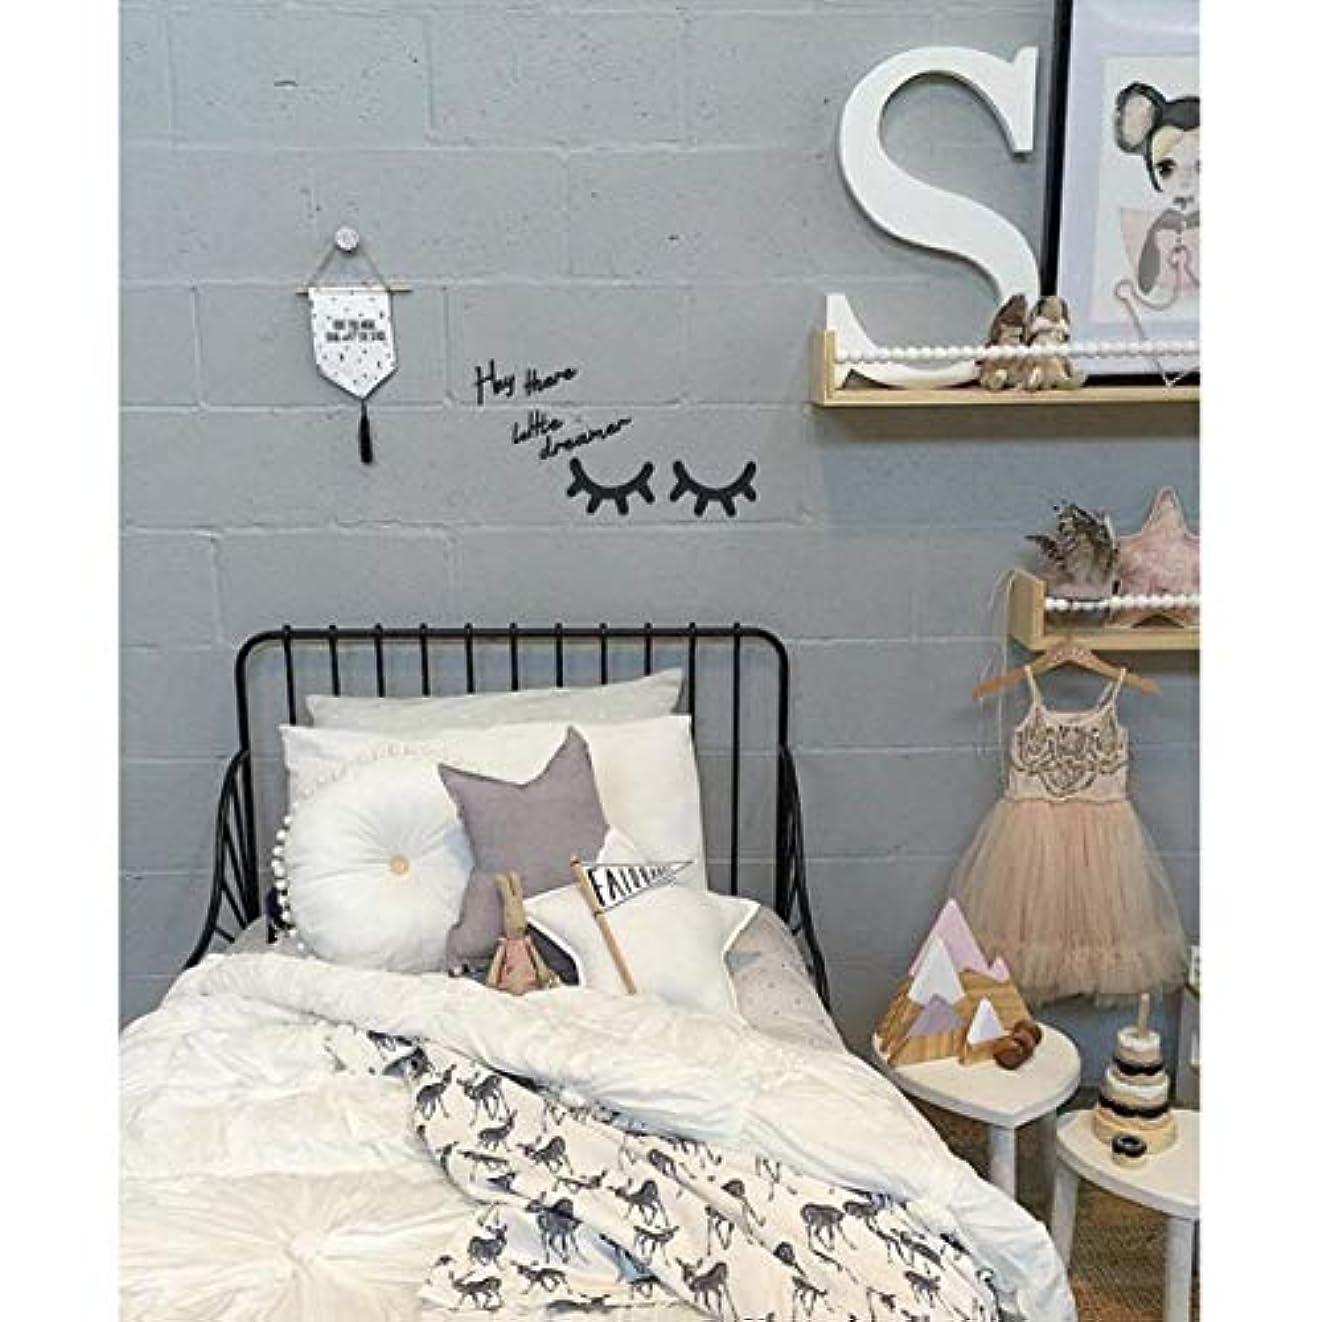 ブレイズホップそばにVosarea キラキラ木製まつげパターンウォールステッカー用キッズパーティー寝室の背景部屋の装飾diyまつげパターンウォールステッカーブラック